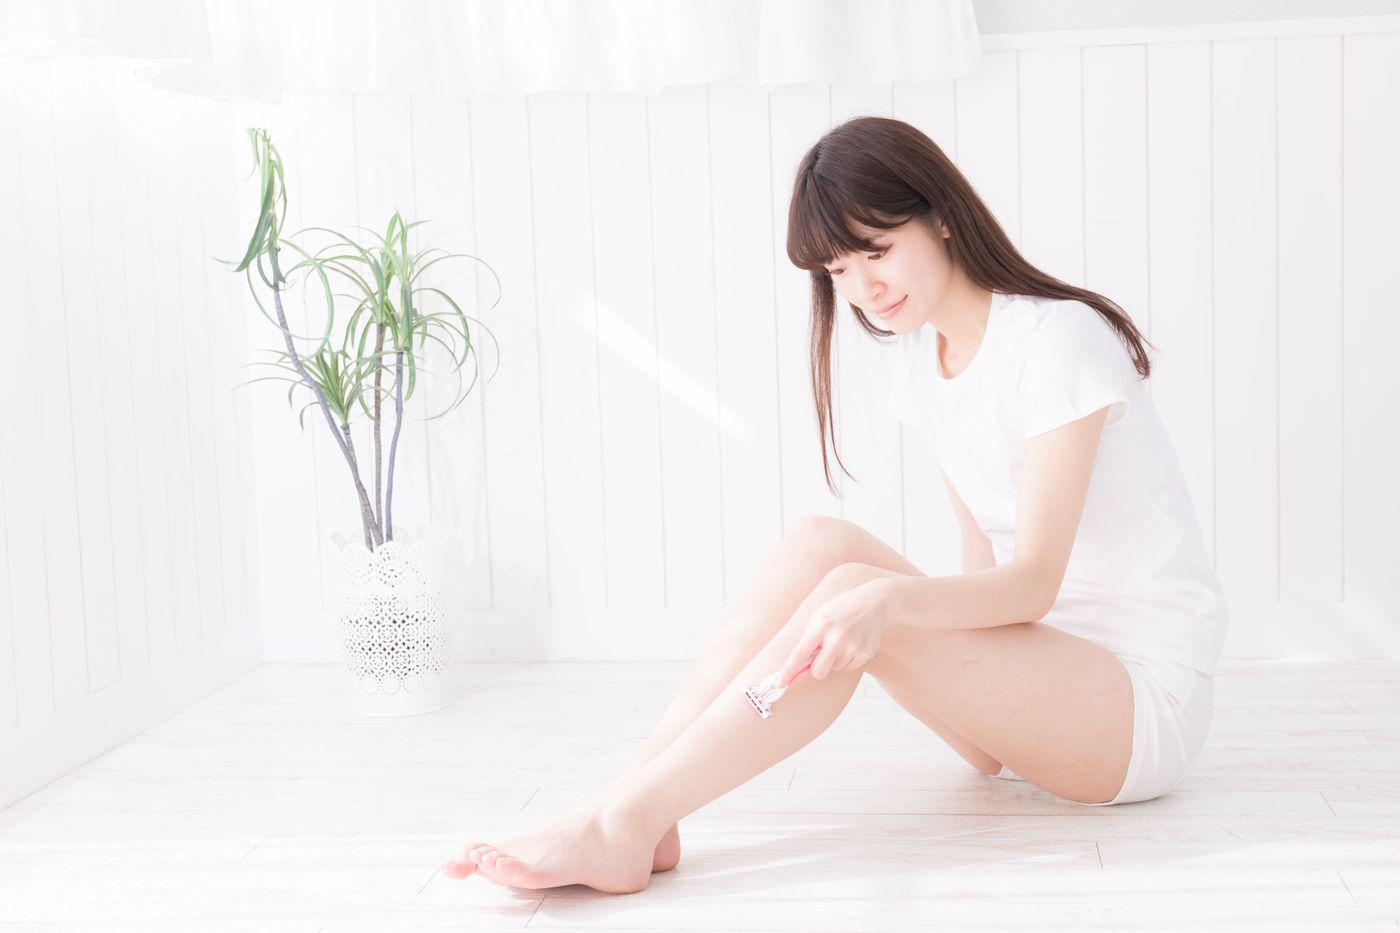 座りながら膝下をT字カミソリで脱毛する女性の写真